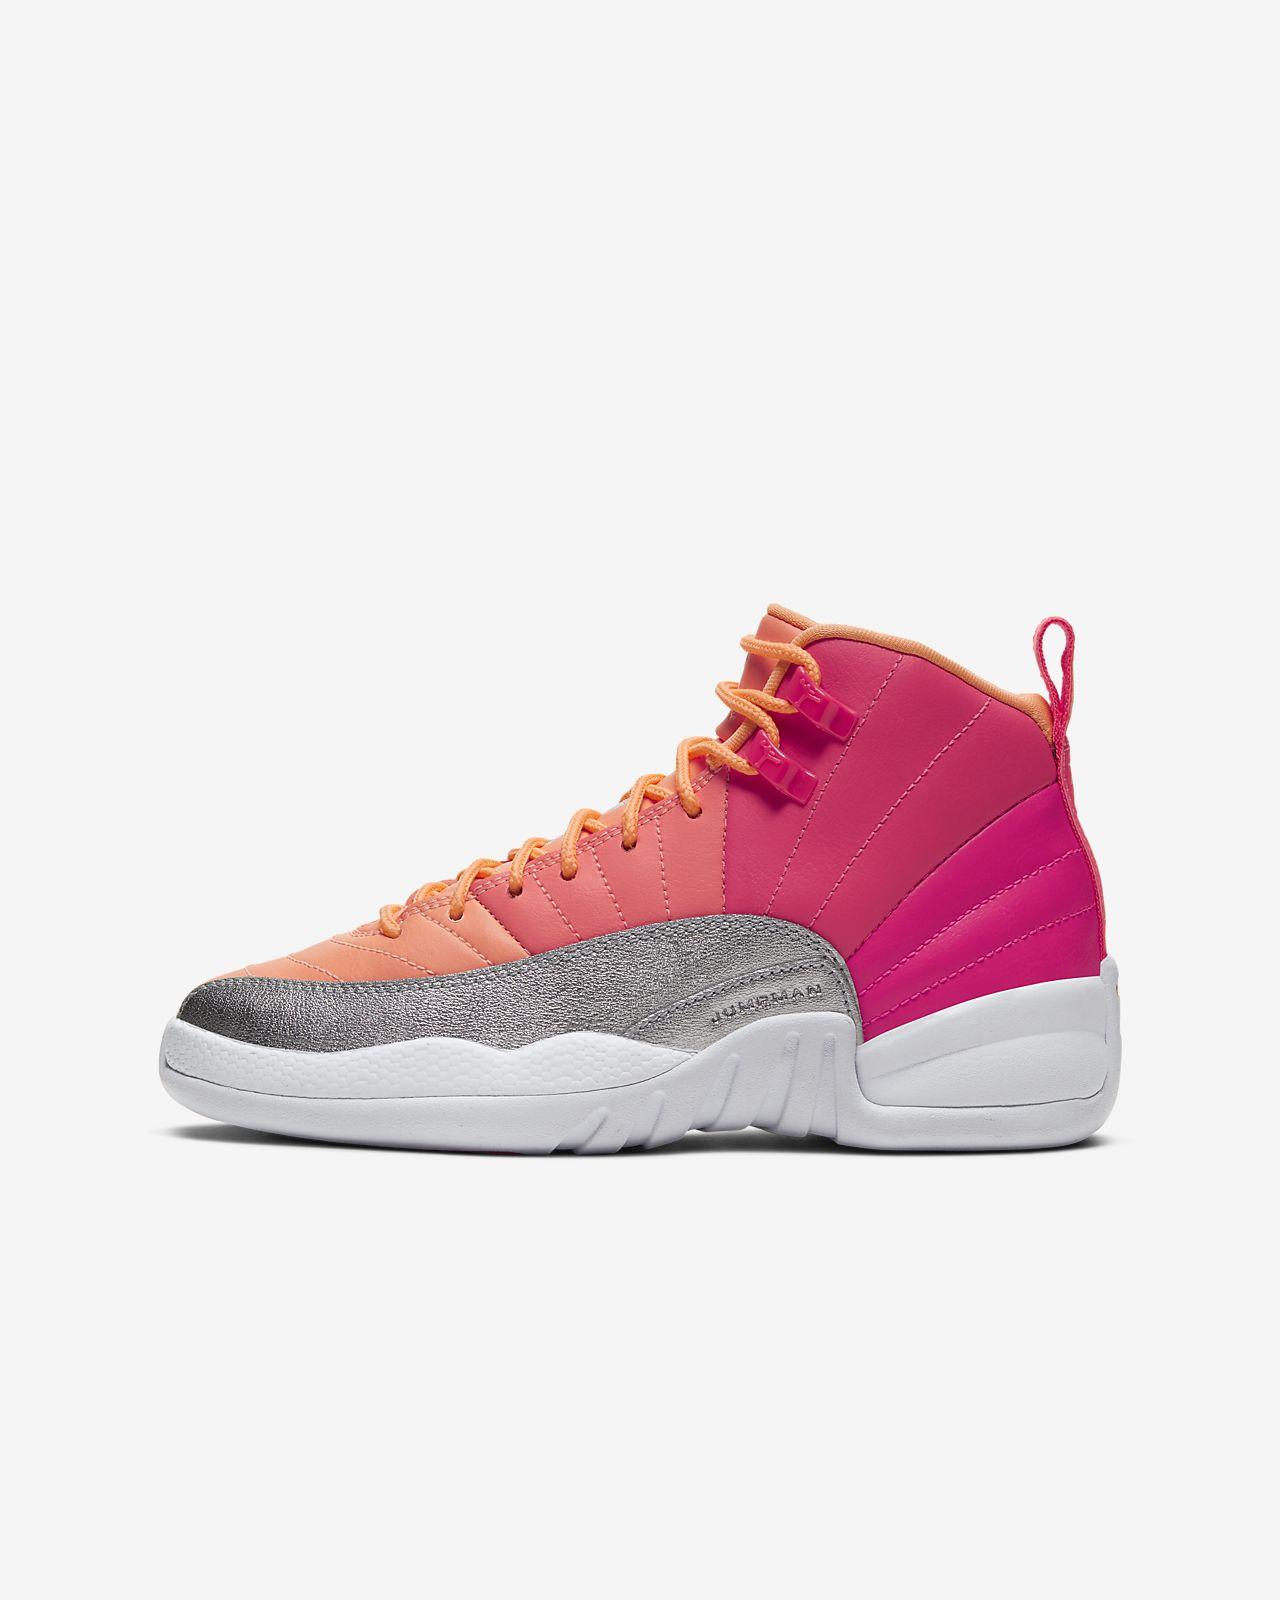 Air Jordan 12 Retro Older Kids' Shoe